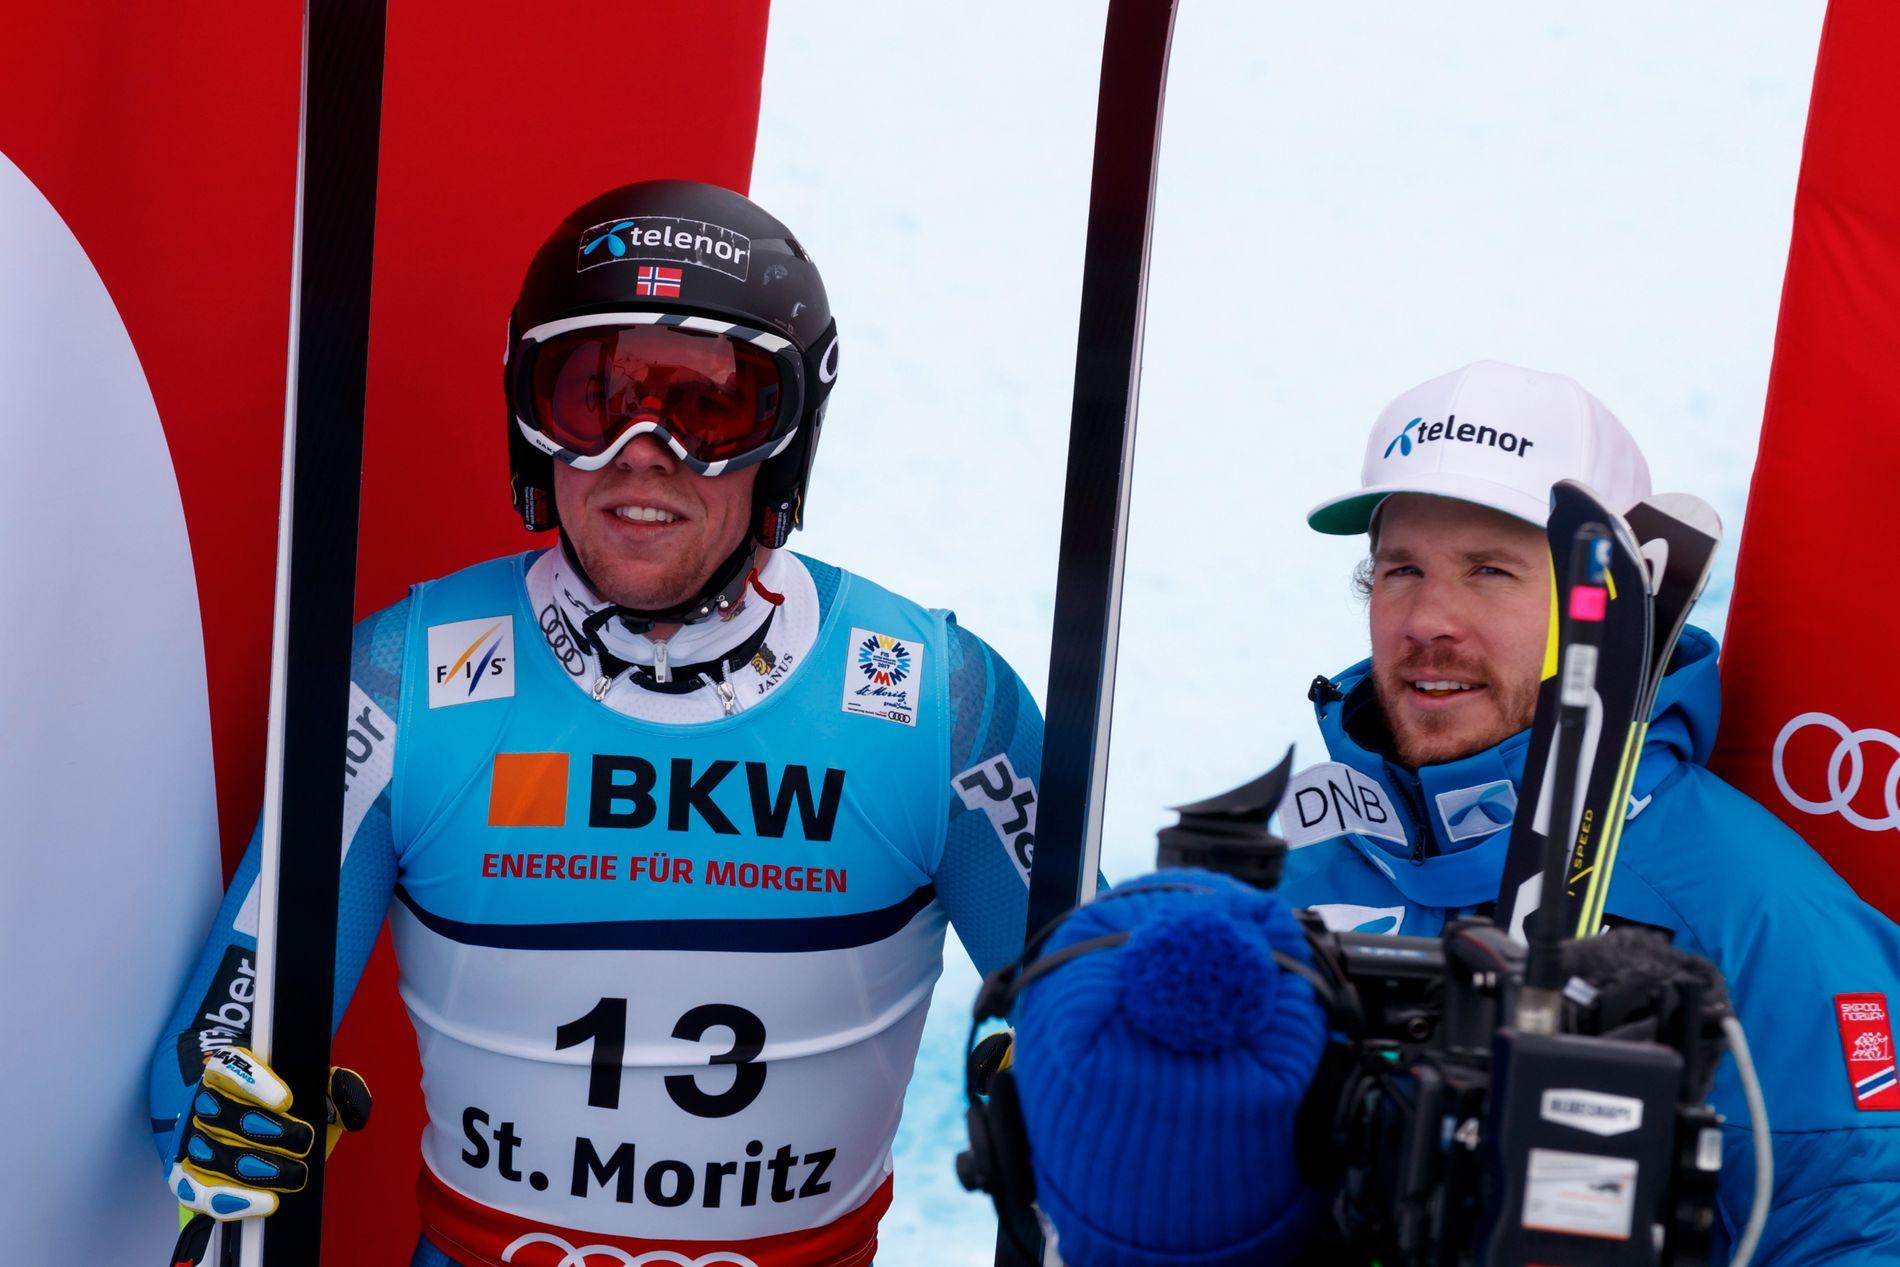 DOBBELT SÅ STERKE SAMMEN: Norges fartslag i VM er lite, men har ett sølv, to fjerdeplasser og én sjetteplass så langt. Mandag kjører Aleksander Aamodt Kilde (til venstre) og Kjetil Jansrud for medalje i kombinasjonen.